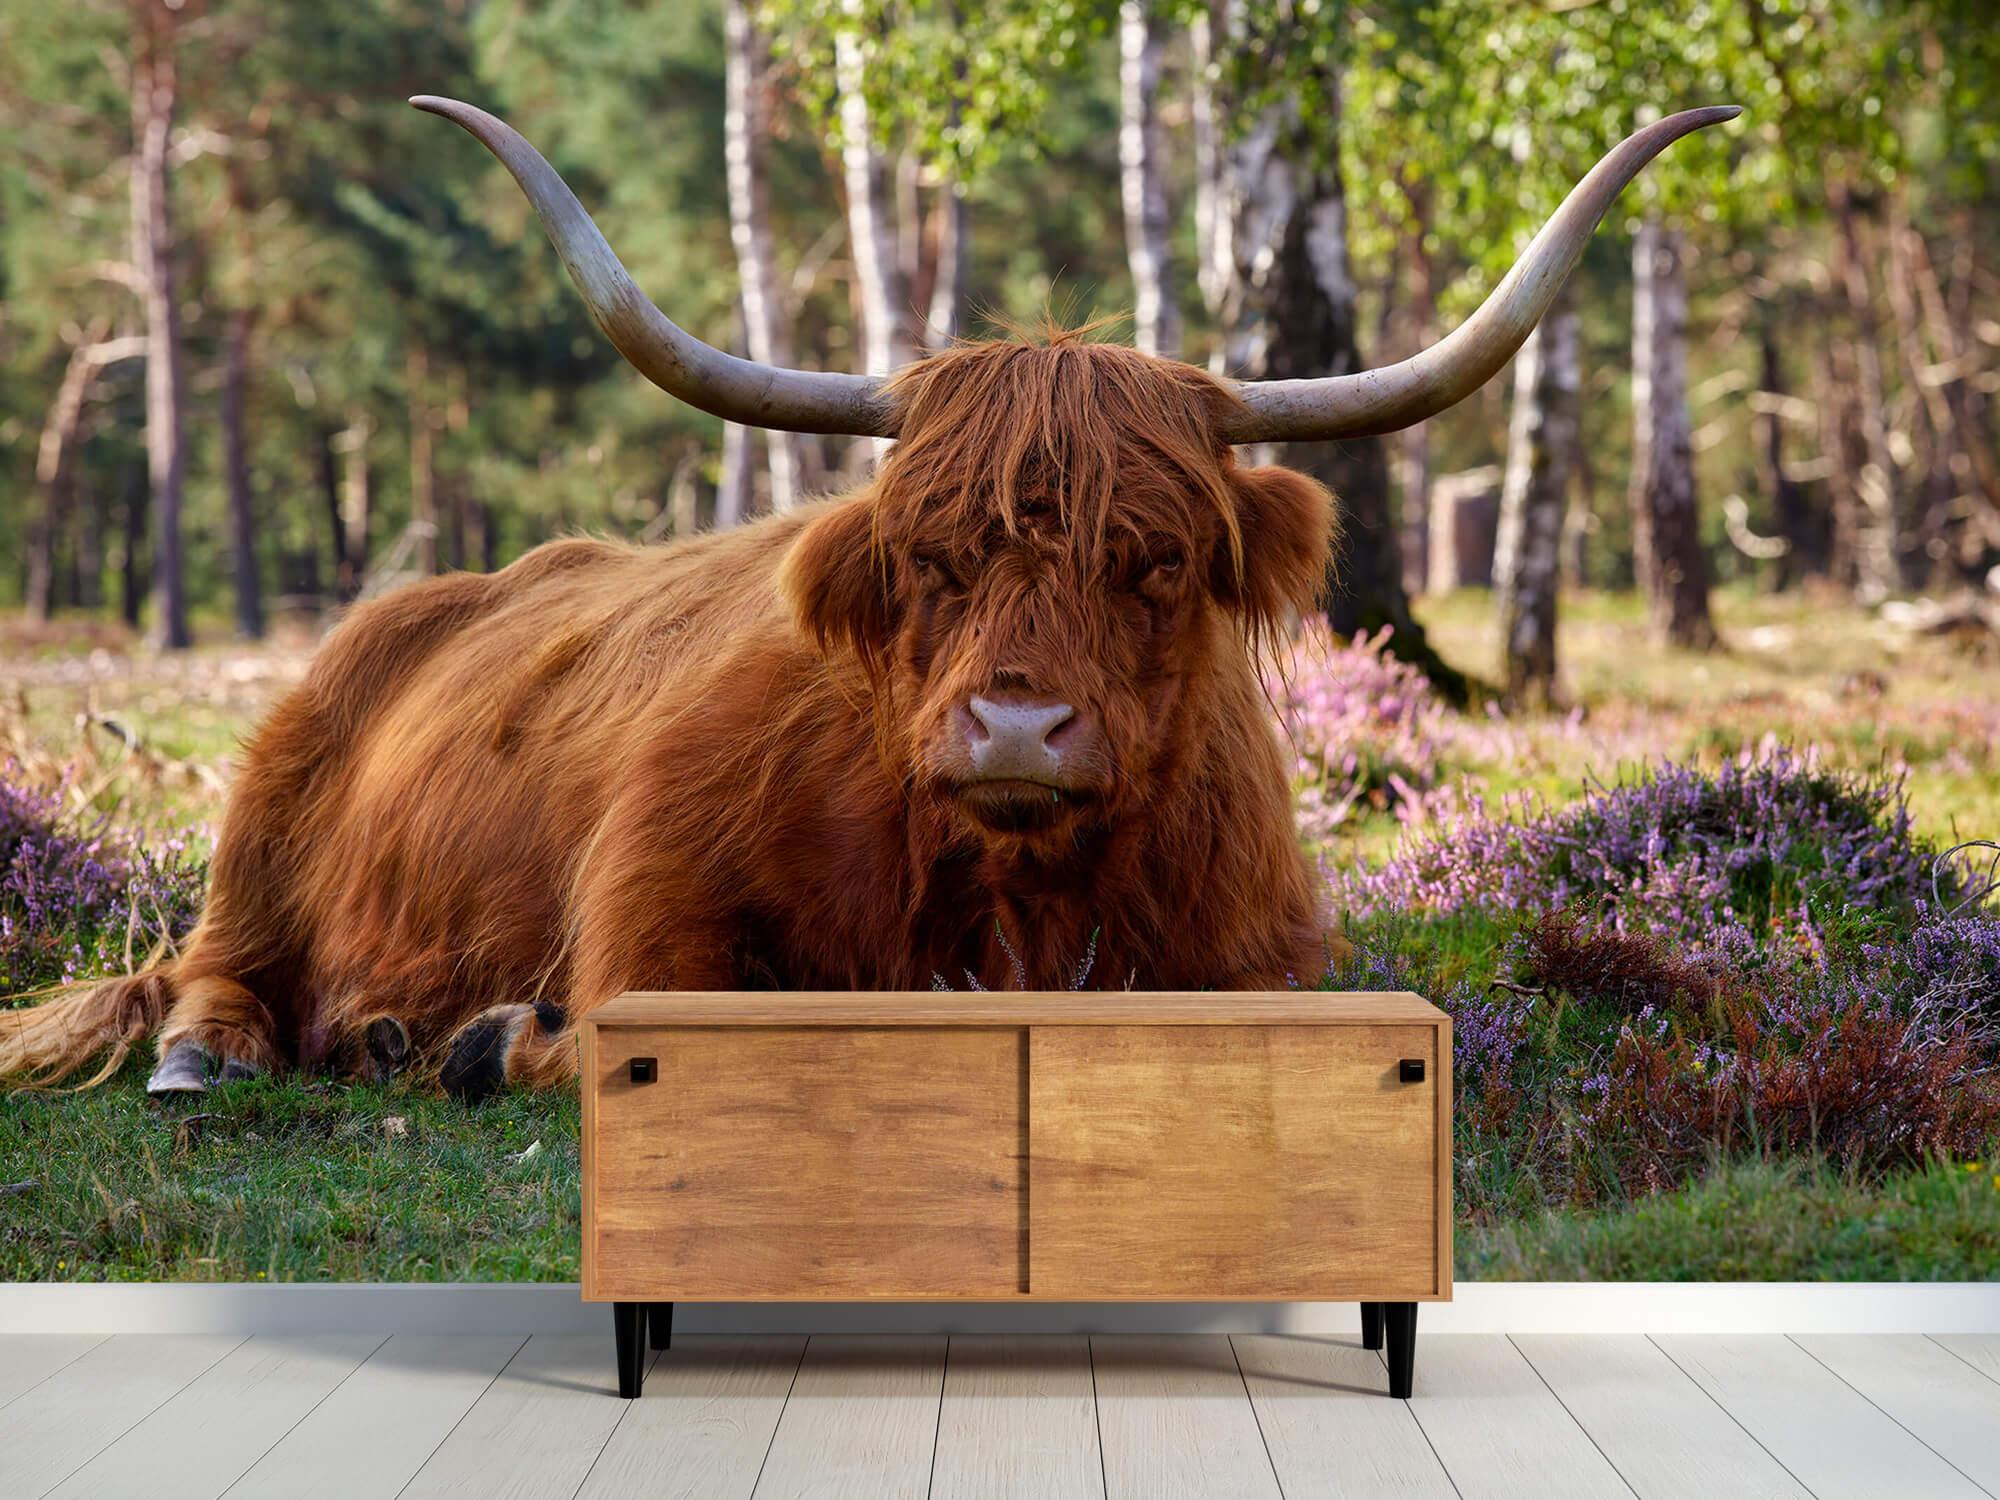 Hooglanders - Liggende Schotse hooglander 9